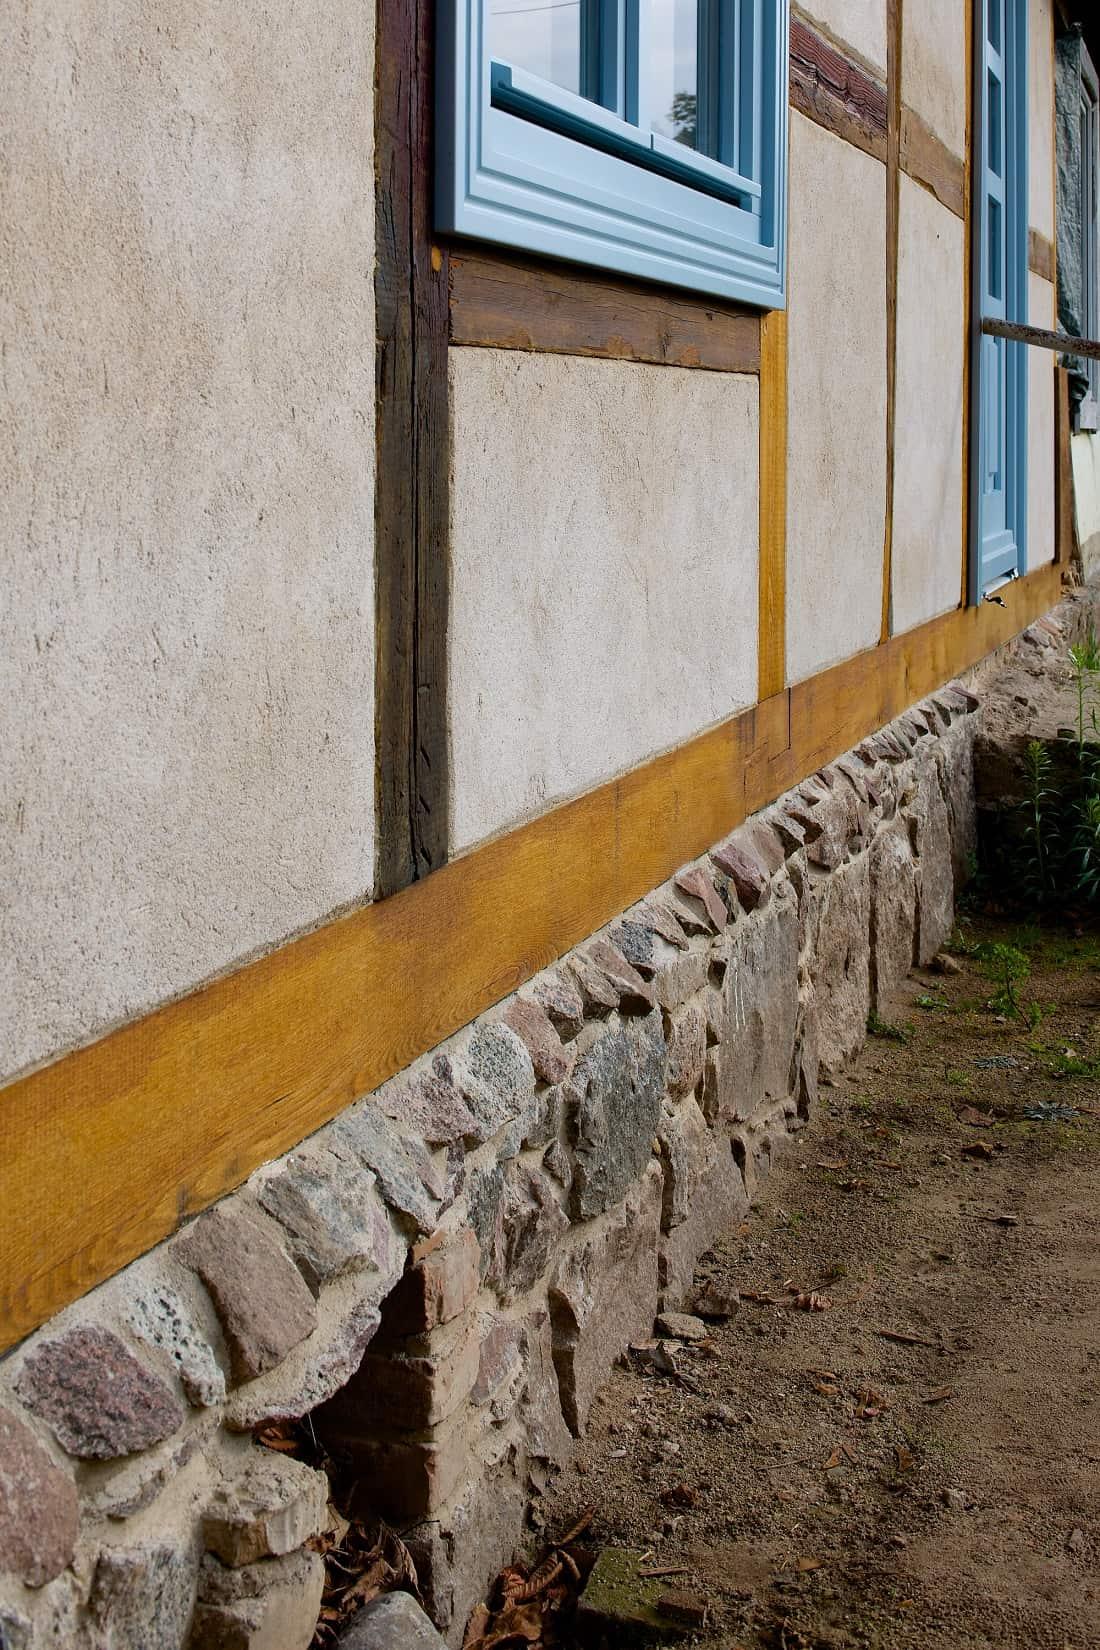 Gabriele Riesner, Architektin, Berlin, Restaurierung eines Fachwerkhauses, Friedenfelde/Uckermark, Fassadendetail Ostfassade